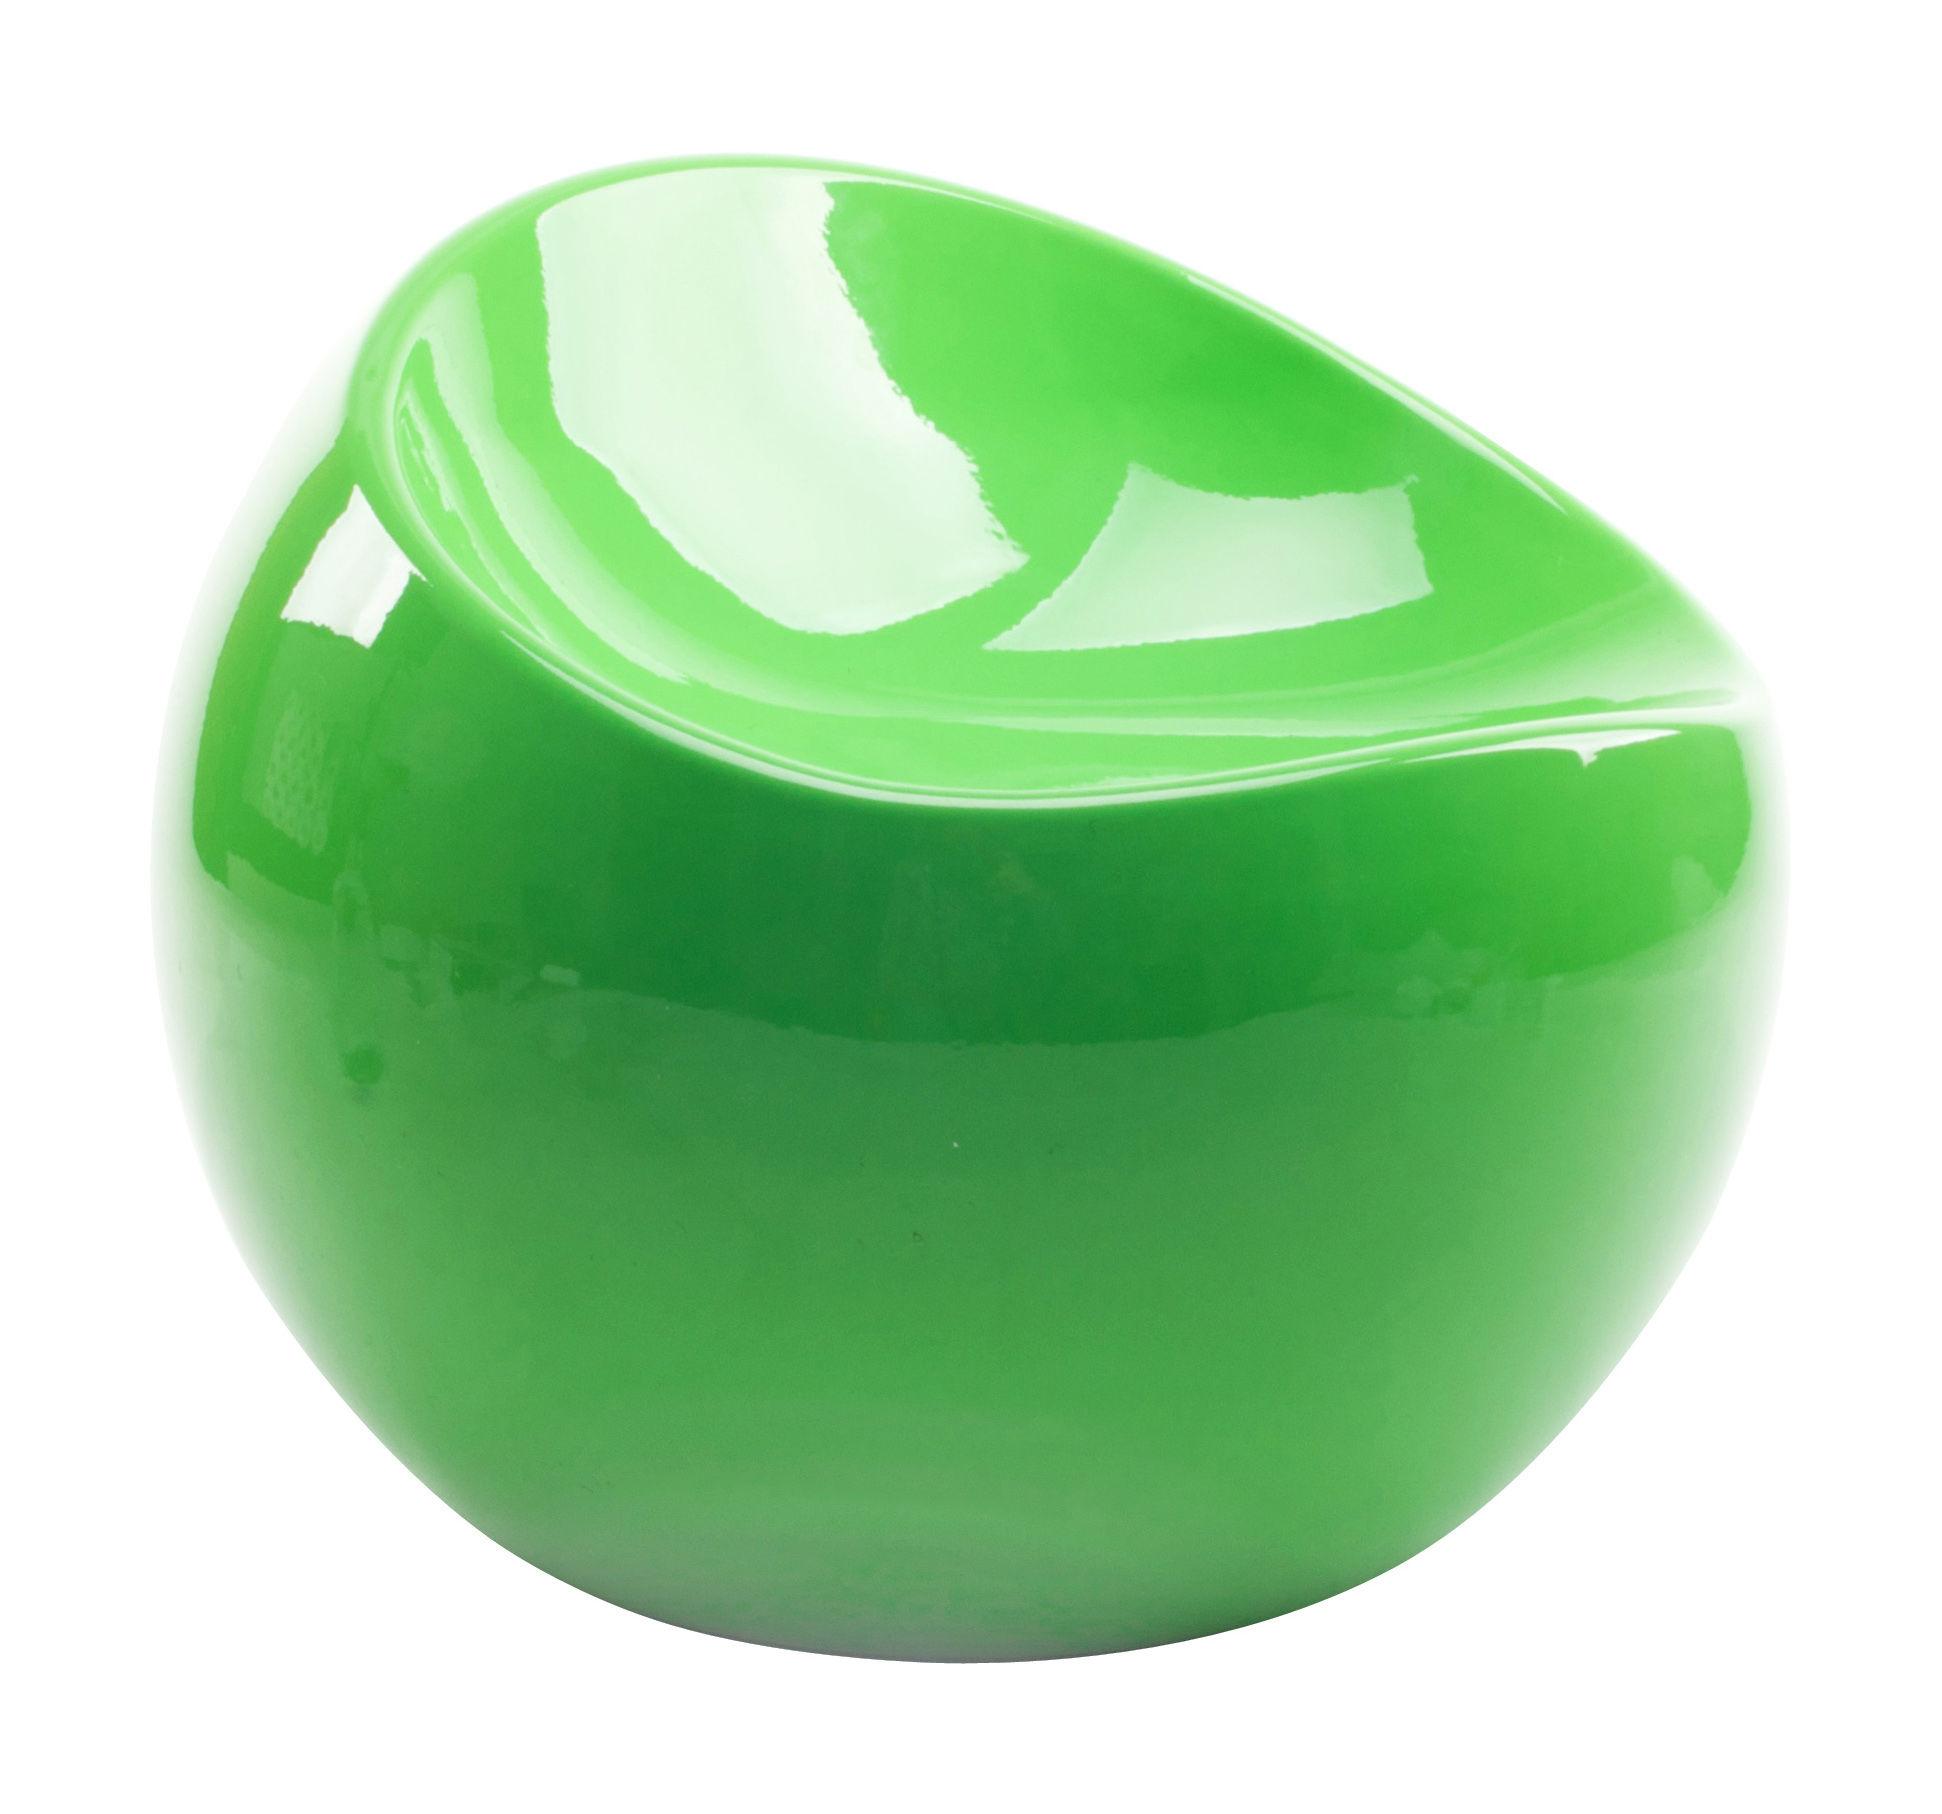 Arredamento - Mobili per bambini - Pouf bambini Baby ball chair - / In esclusiva di XL Boom - Verde acceso - ABS riciclato laccato